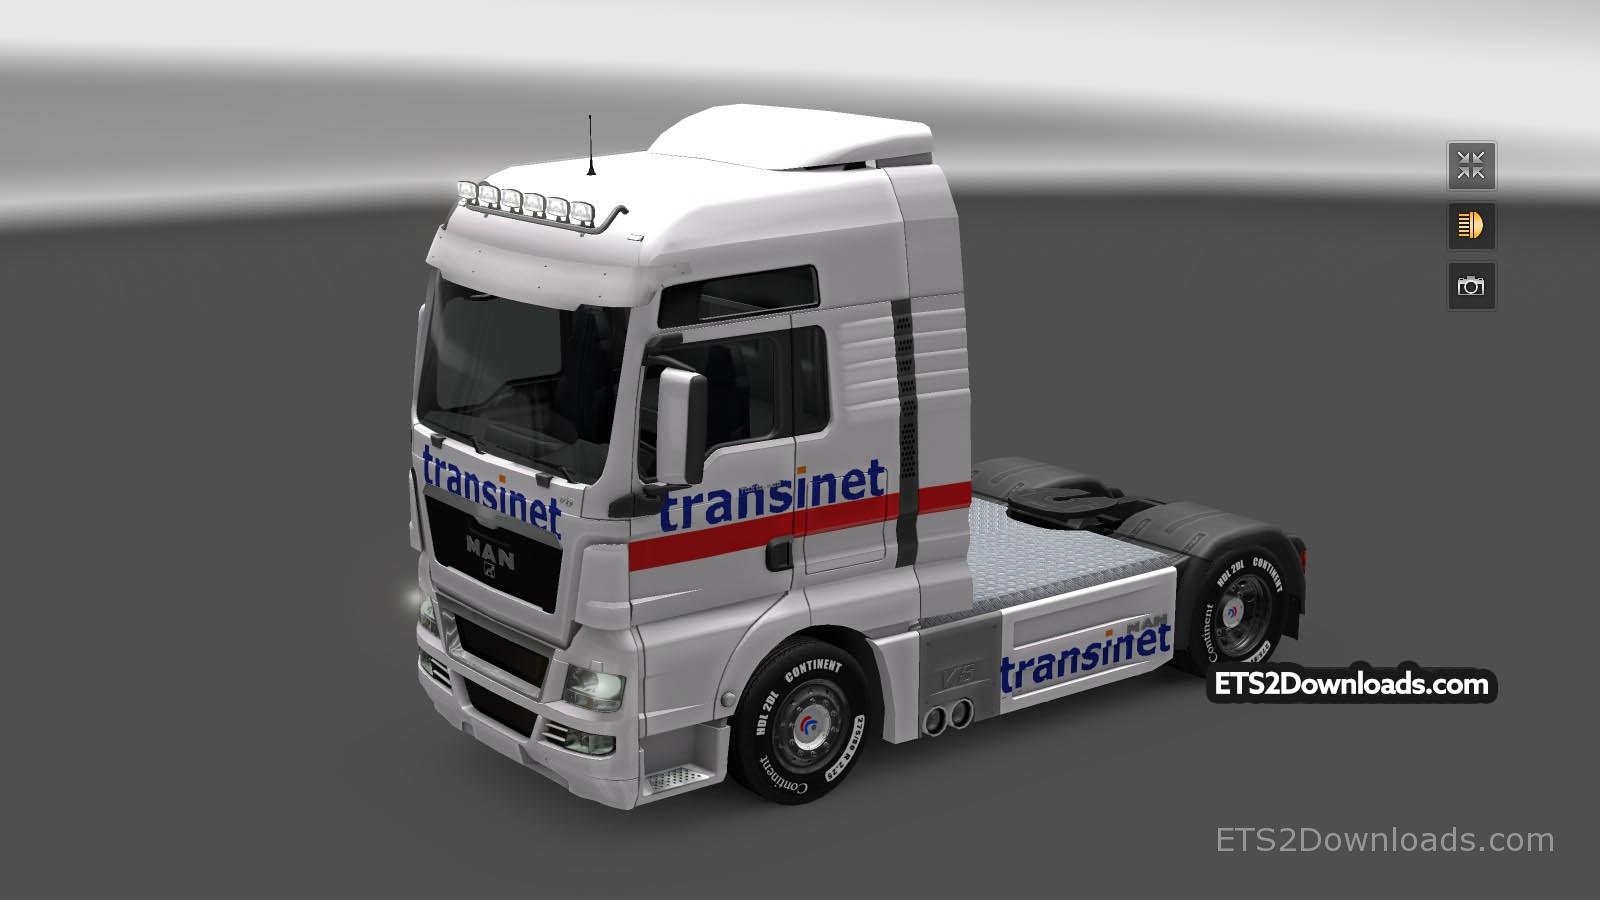 transinet-skin-for-all-trucks